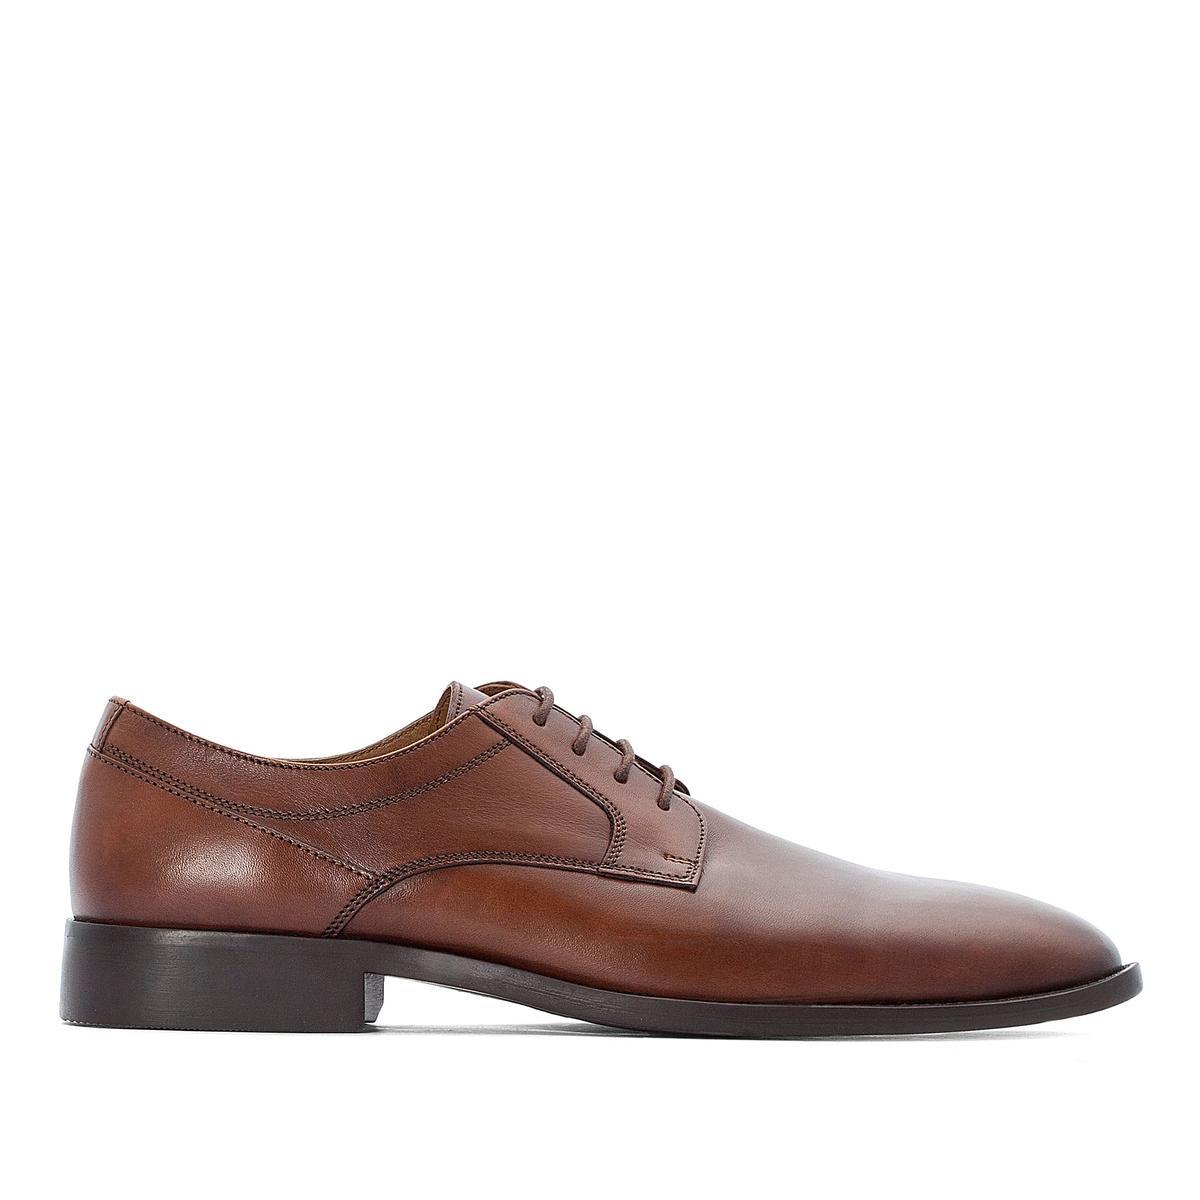 цена Ботинки-дерби La Redoute Кожаные на шнуровке 39 каштановый онлайн в 2017 году